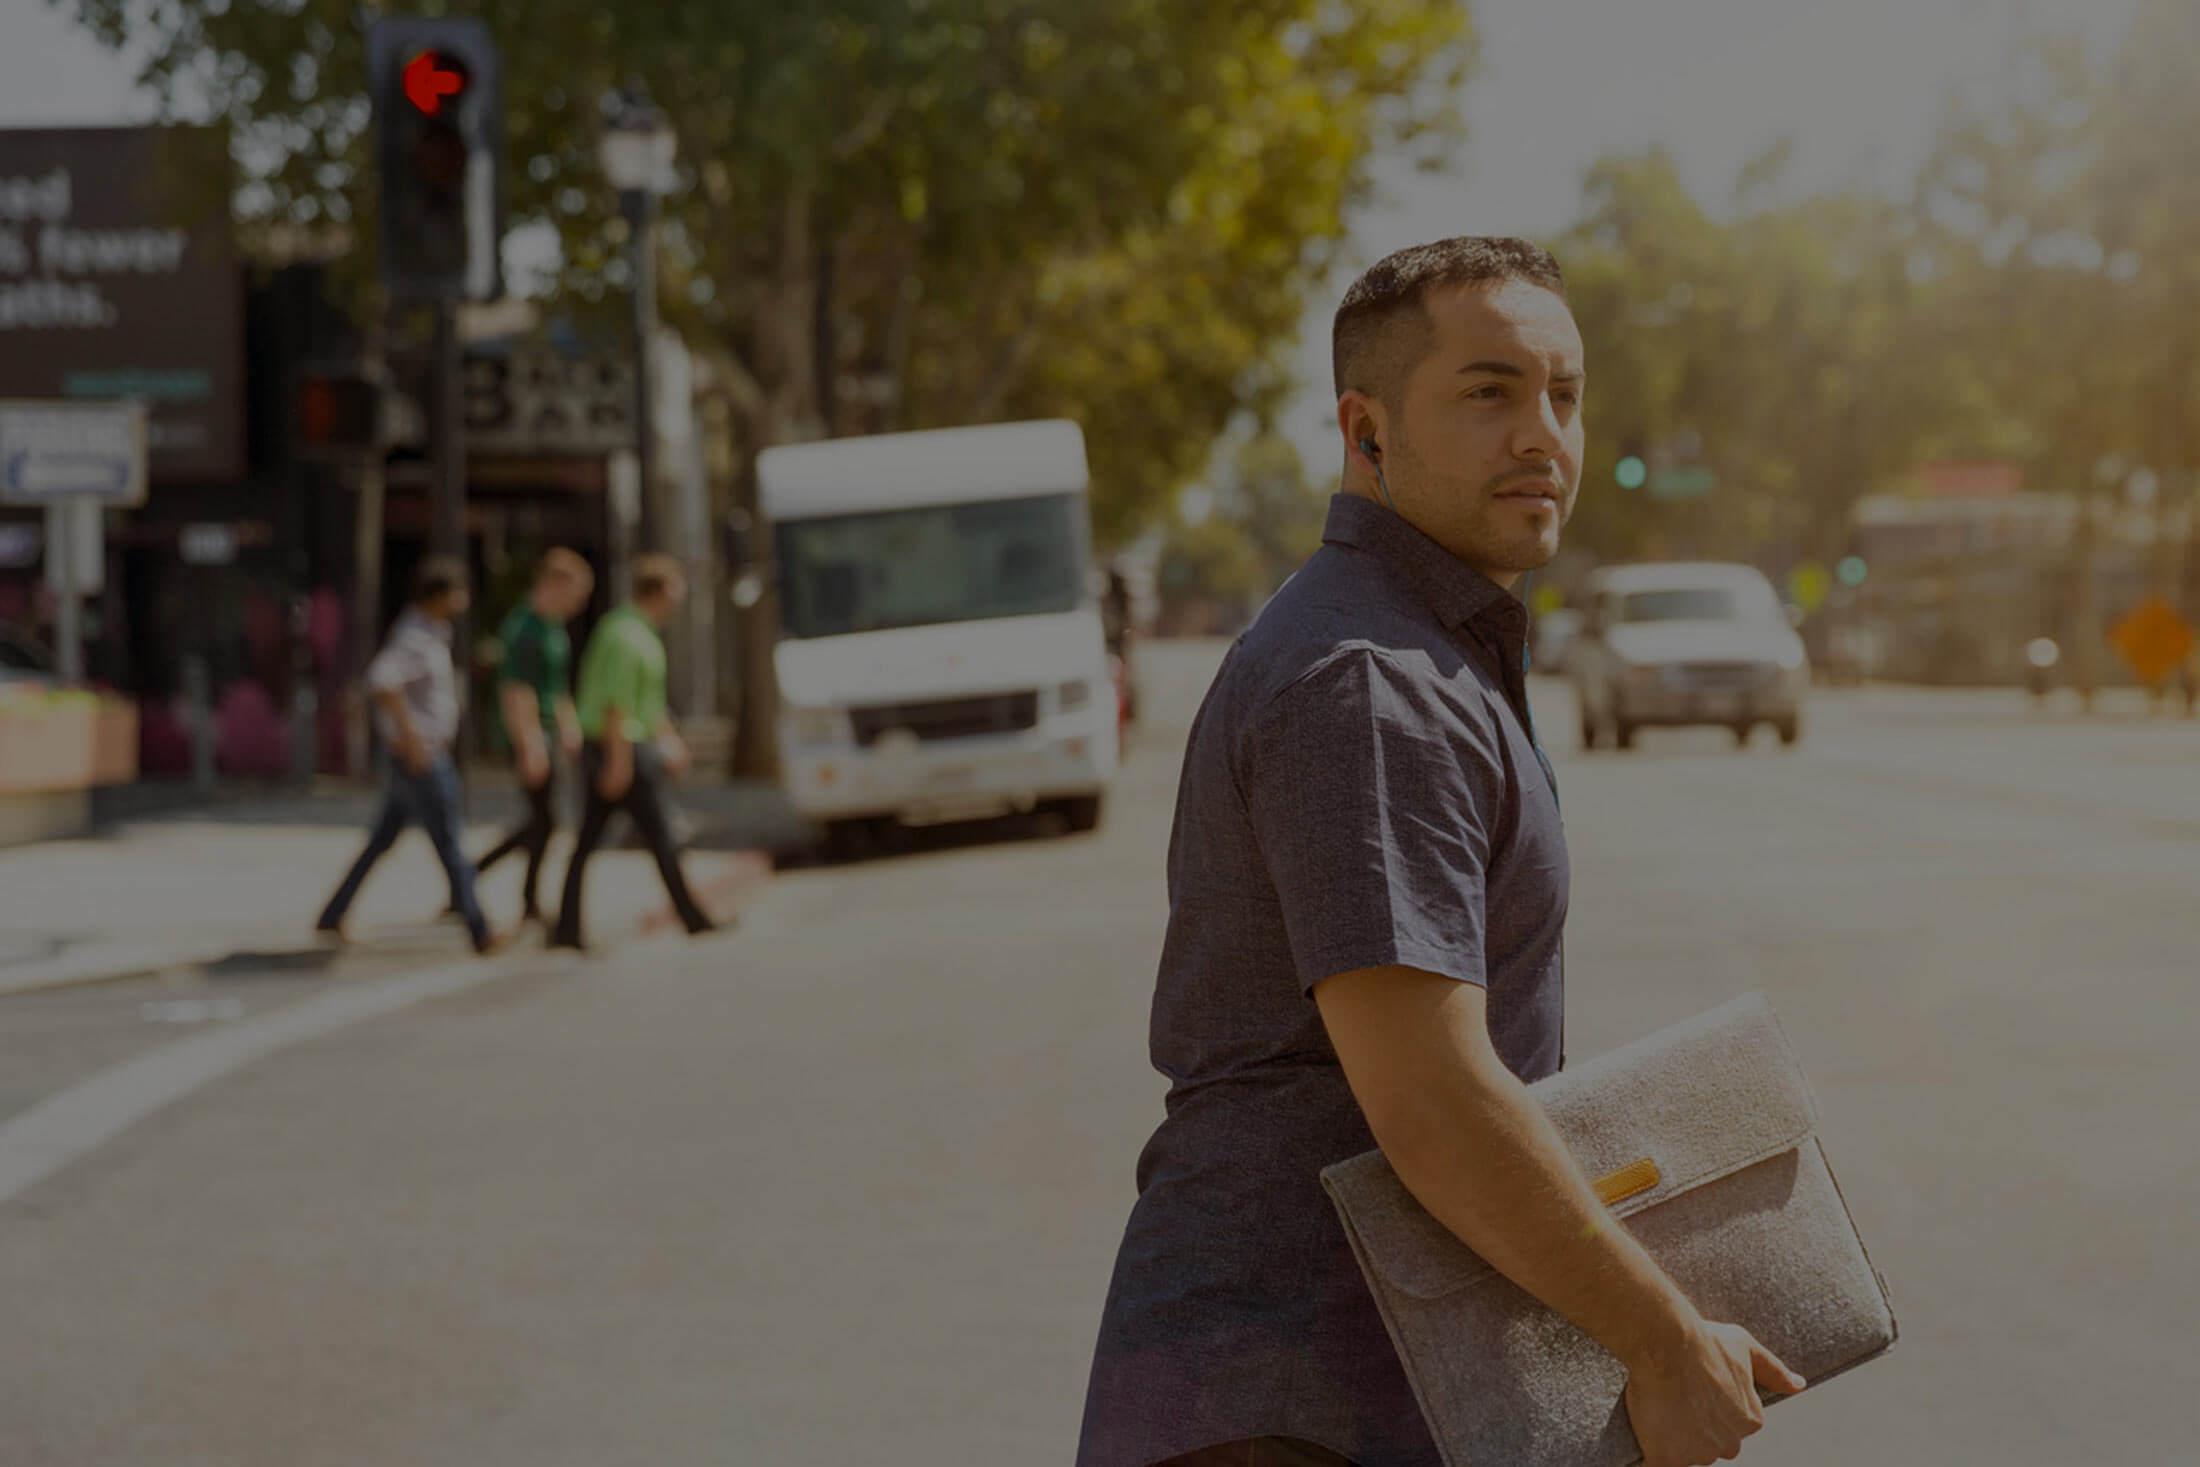 Pole emploi - offre emploi Plieur commandes numériques adama (H/F) - Marseille